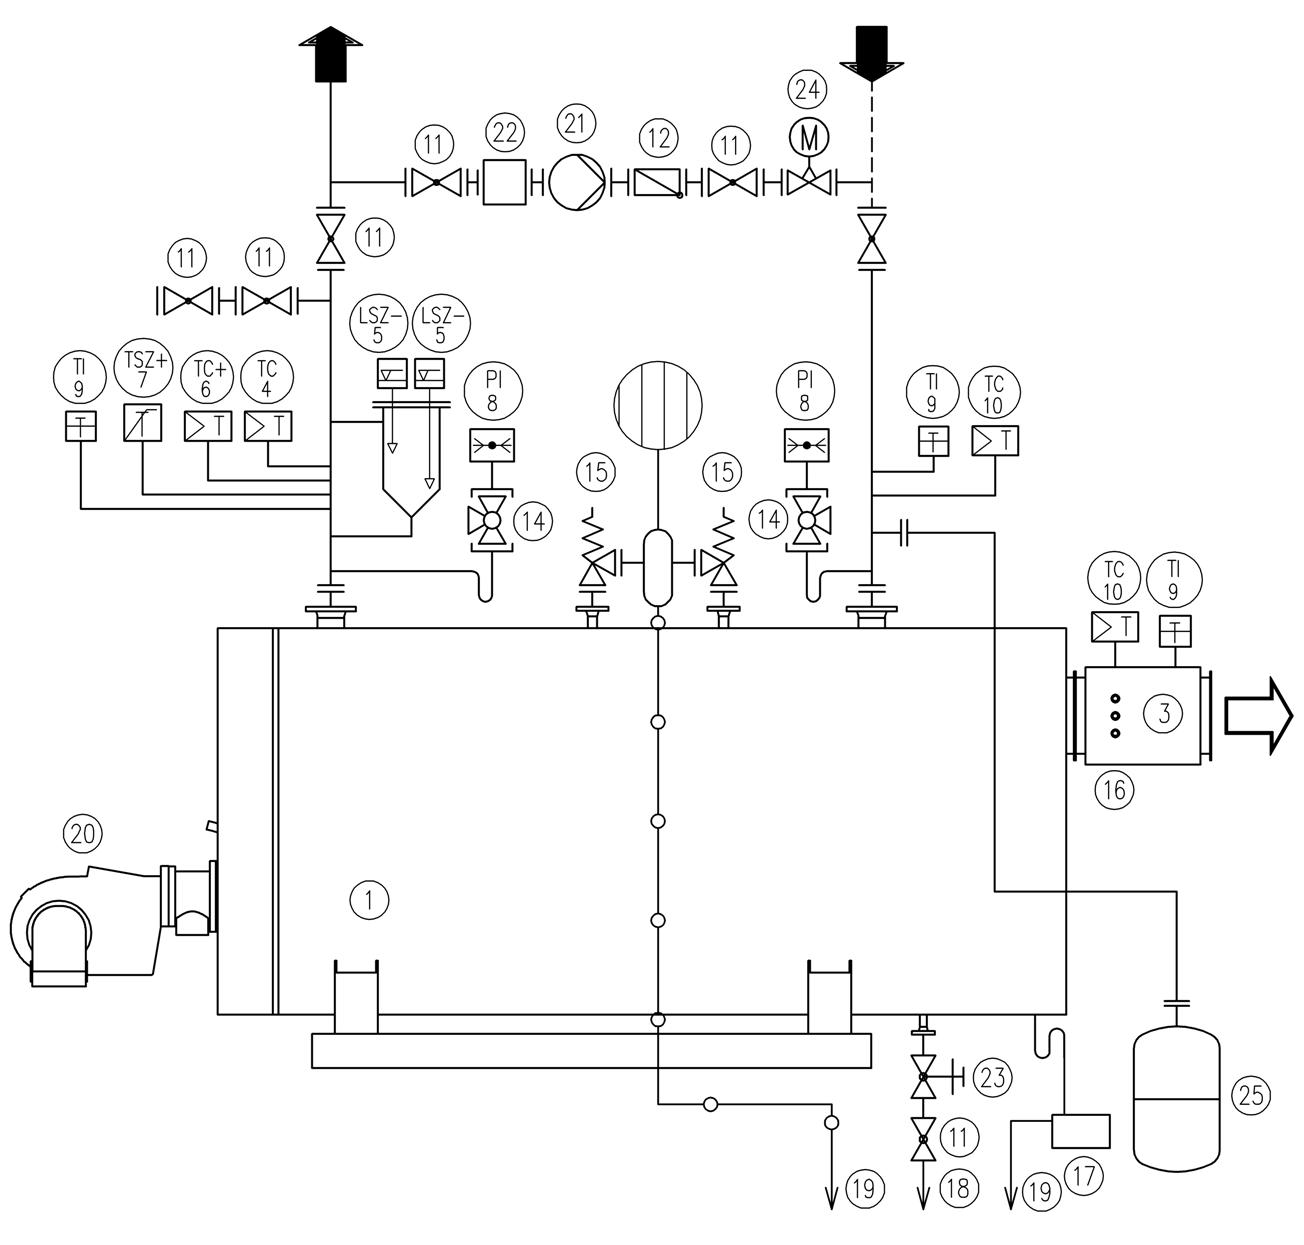 Схема подключения  THH-I водогрейного котла на перегретой воде без экономайзера